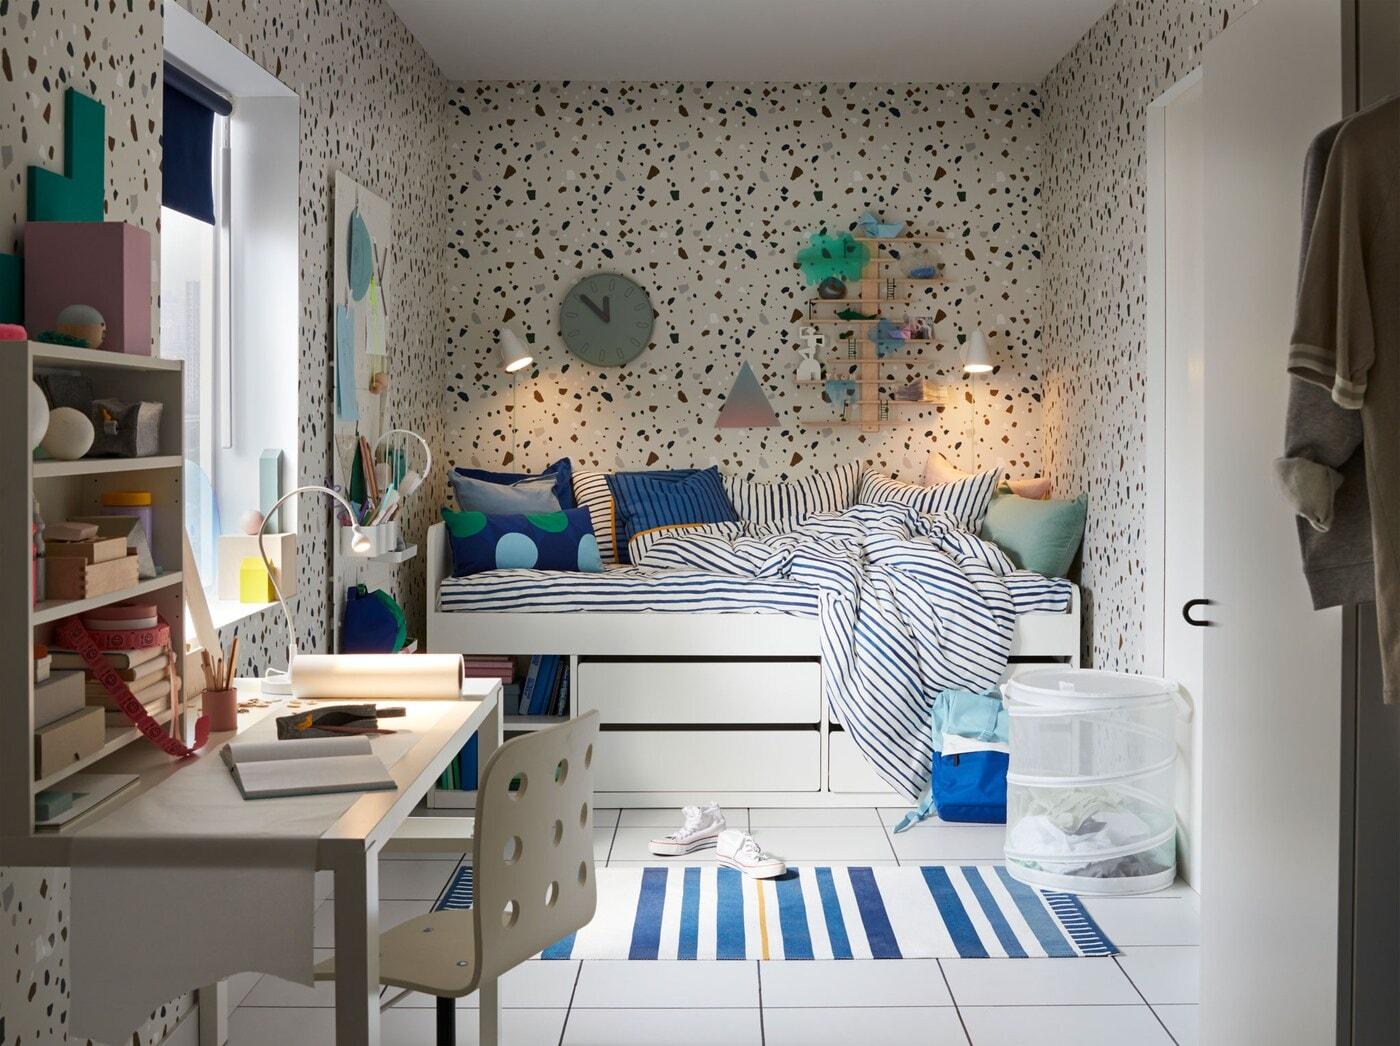 Kinderzimmer in blau mit weißem Bett mit Schubladen, Schreibtisch, blau-weißem Teppich & blauen Kissen.